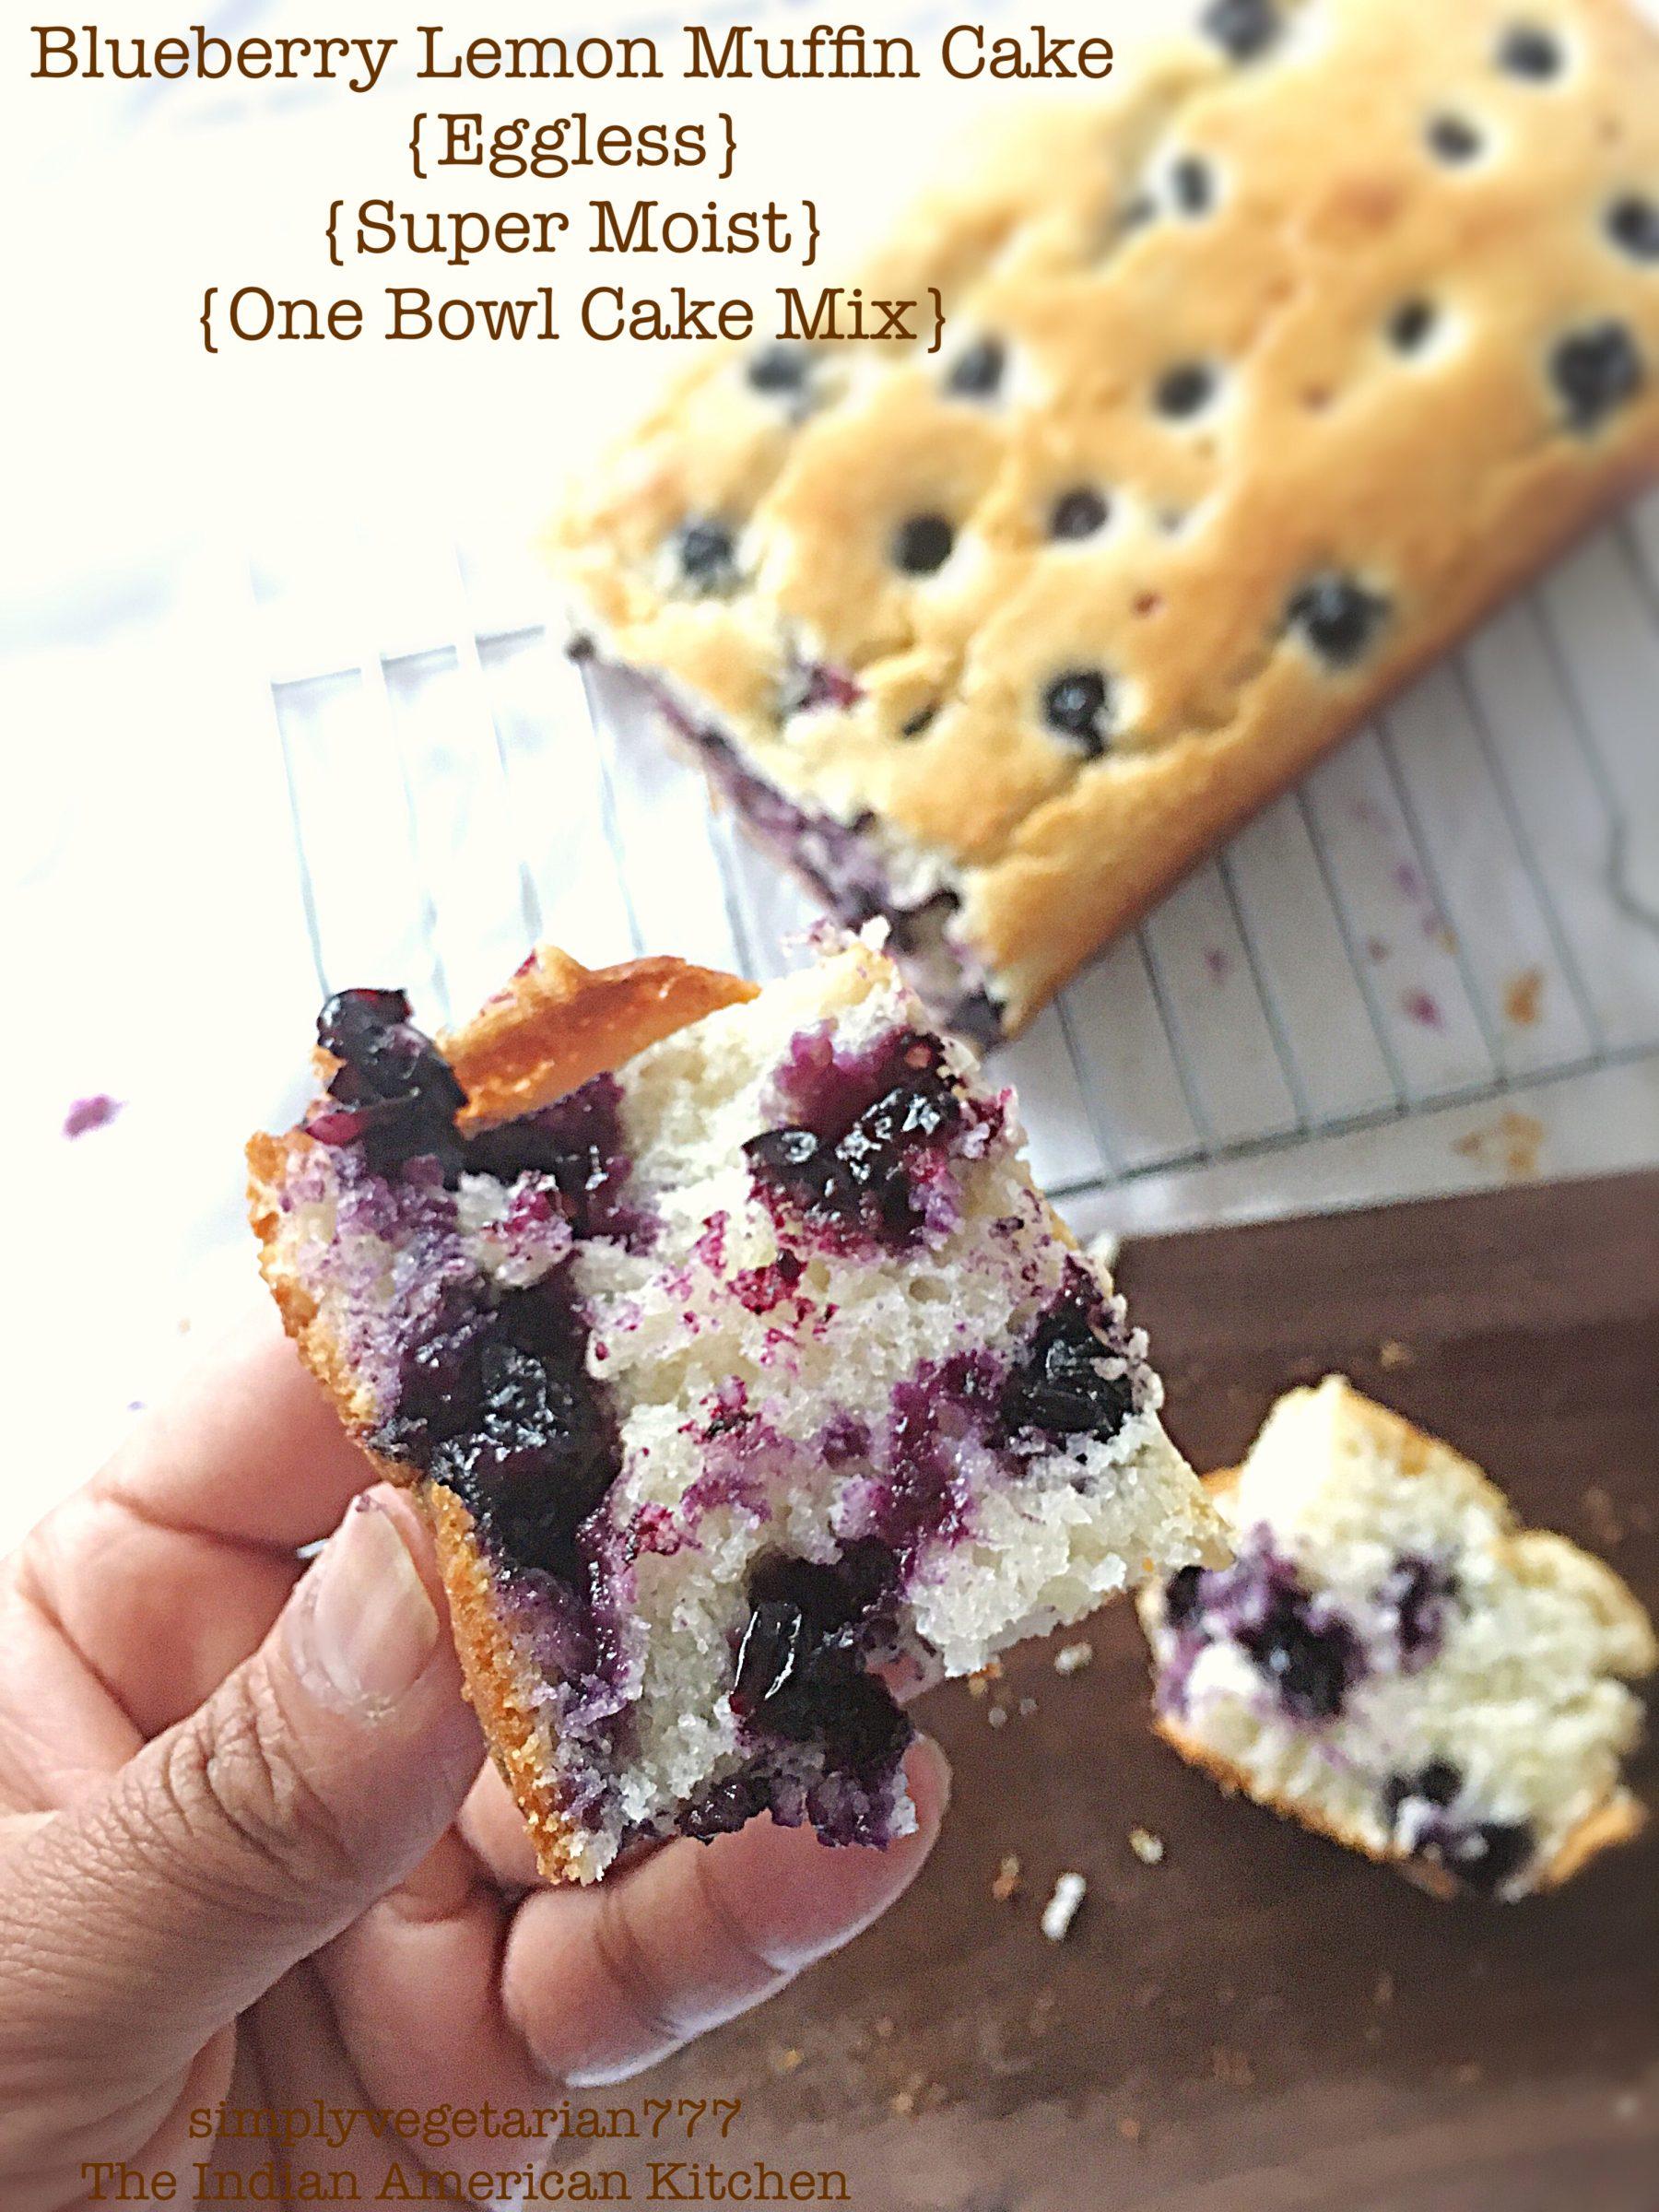 Blueberry Lemon Muffin Cake Eggless Super Moist One Bowl Cake